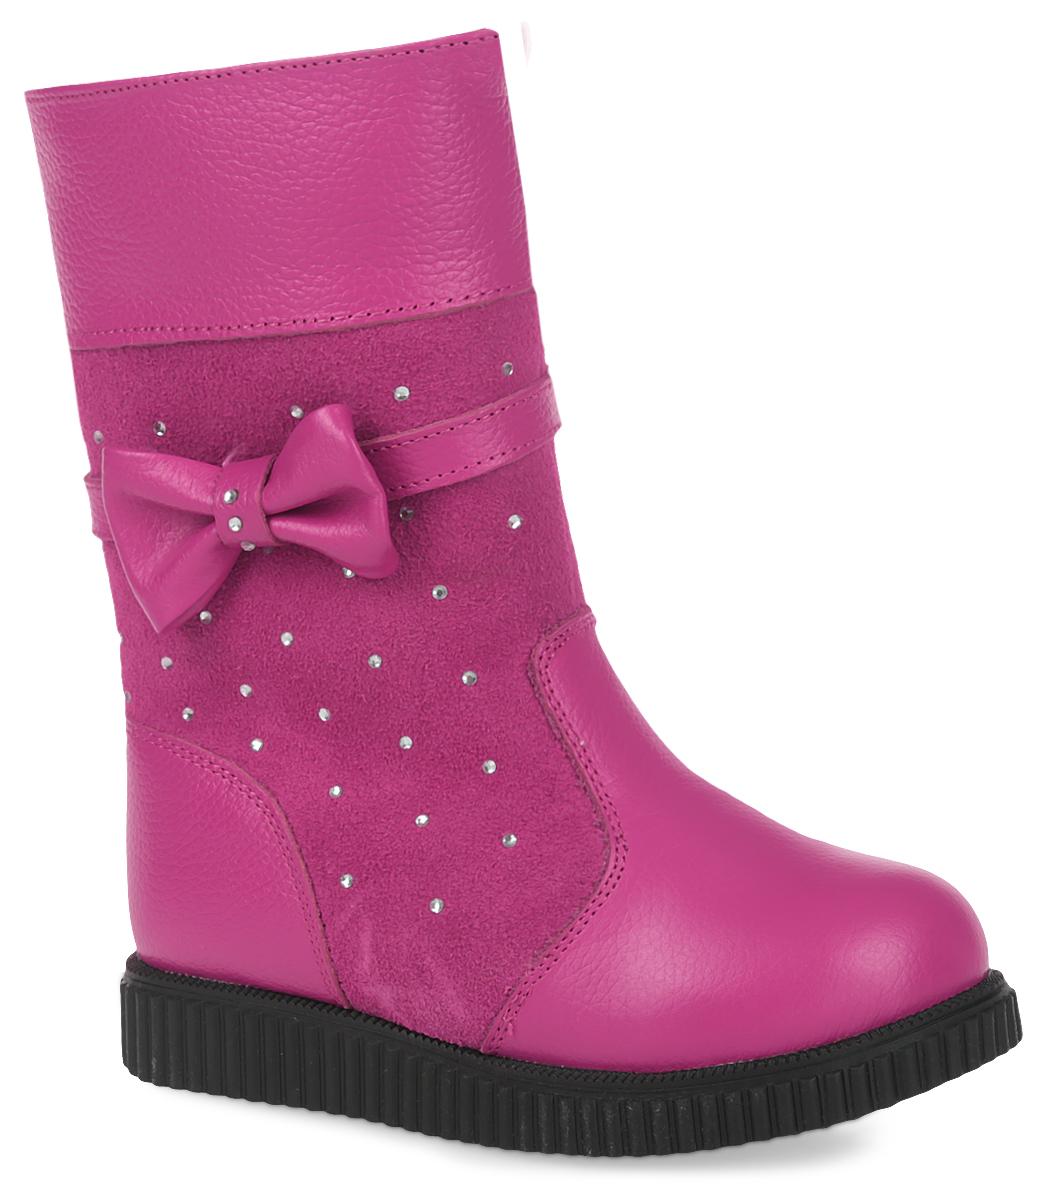 Сапоги11120-9Удобные сапоги от Зебра выполнены из натуральной кожи в сочетании с замшей. Застежка-молния надежно фиксирует изделие на ноге. Мягкая подкладка и стелька из шерсти обеспечивают тепло, циркуляцию воздуха и сохраняют комфортный микроклимат в обуви. Сбоку модель оформлена декоративным бантиком и стразами.